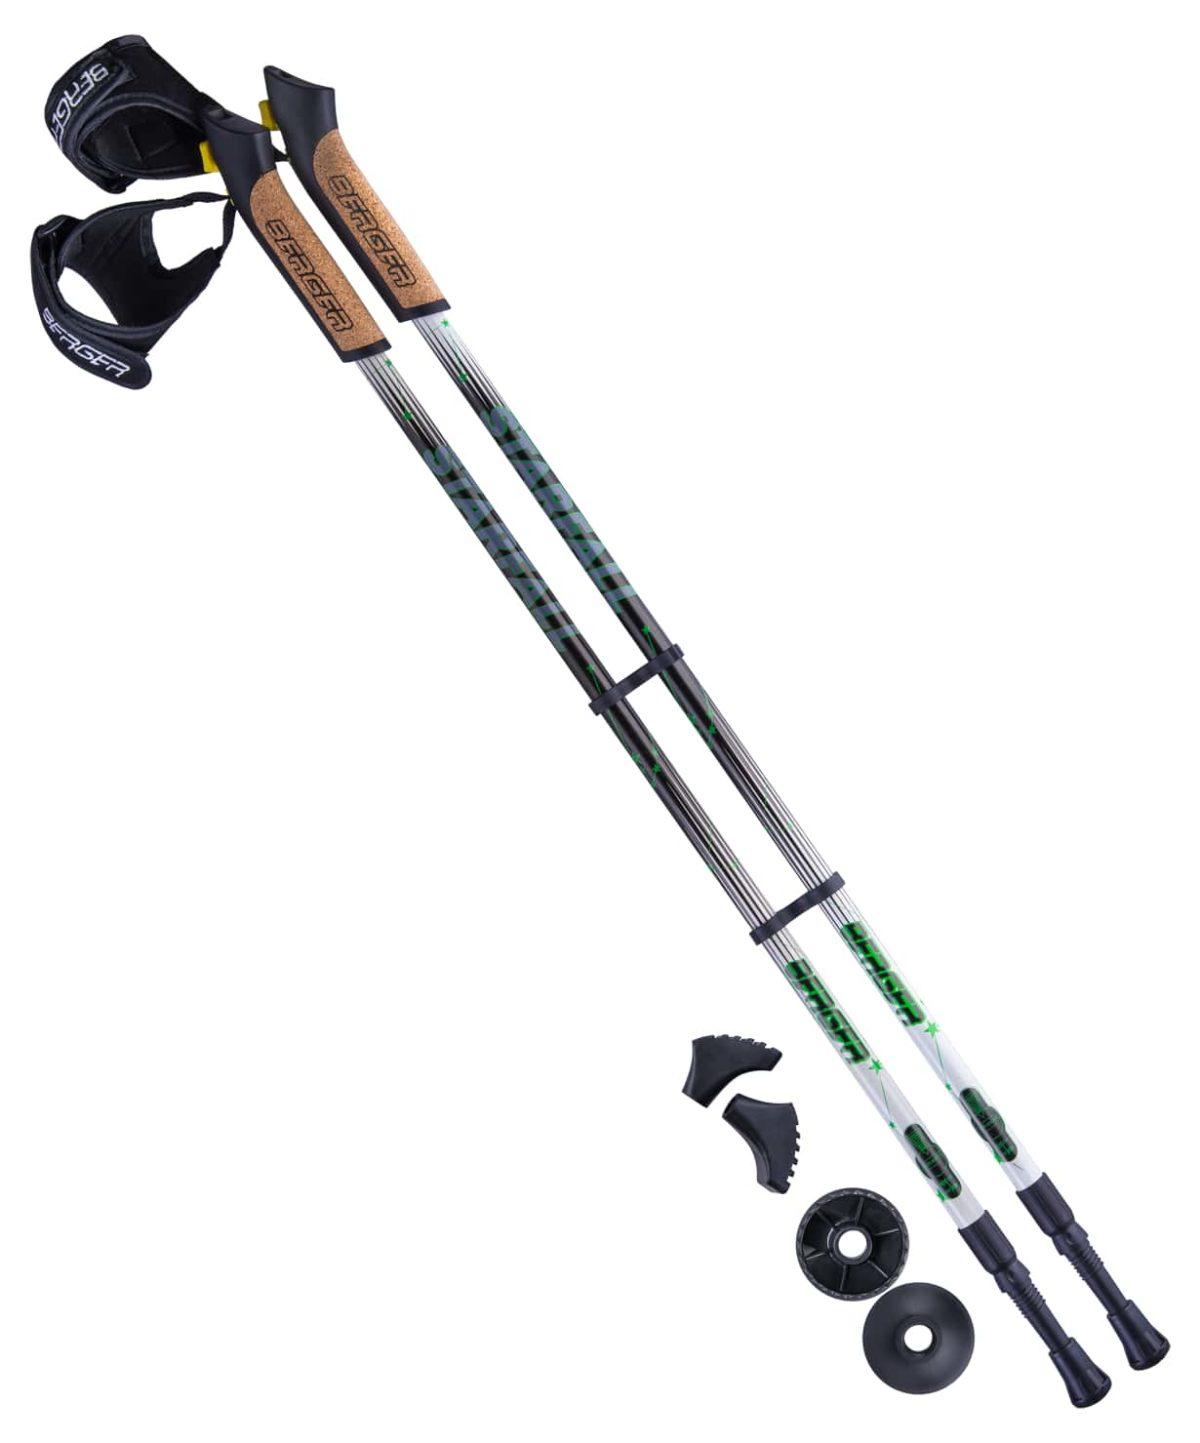 BERGER Starfall Палки для скандинавской ходьбы, 77-135 см: чёрный/белый/ярко-зелёный - 1